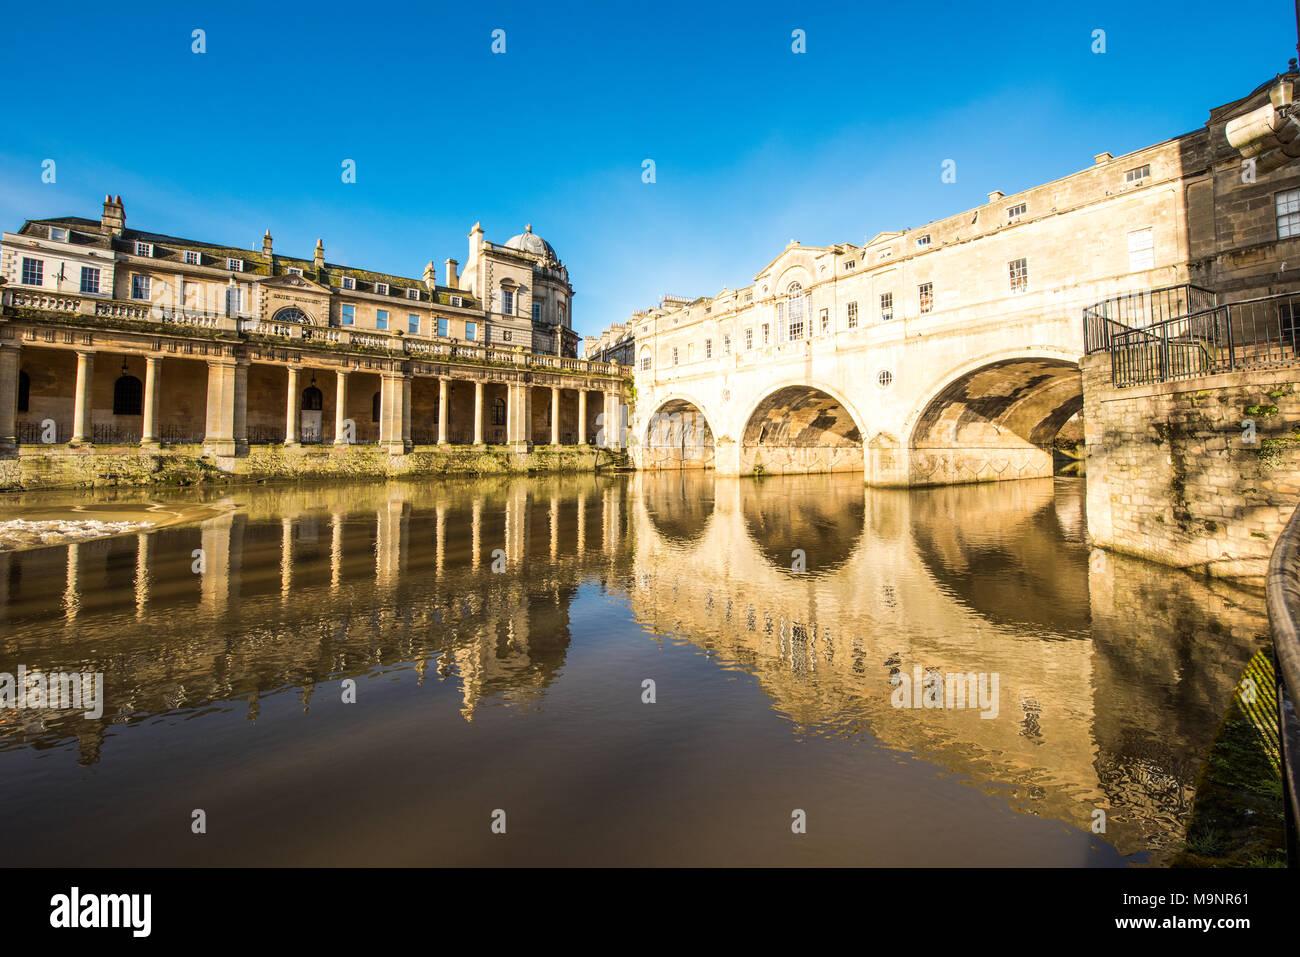 Le Pont Pulteney historique trois arches et la Grande Parade colonnes reflète dans la rivière Avon chatoyantes à Bath avec un beau ciel bleu clair Photo Stock